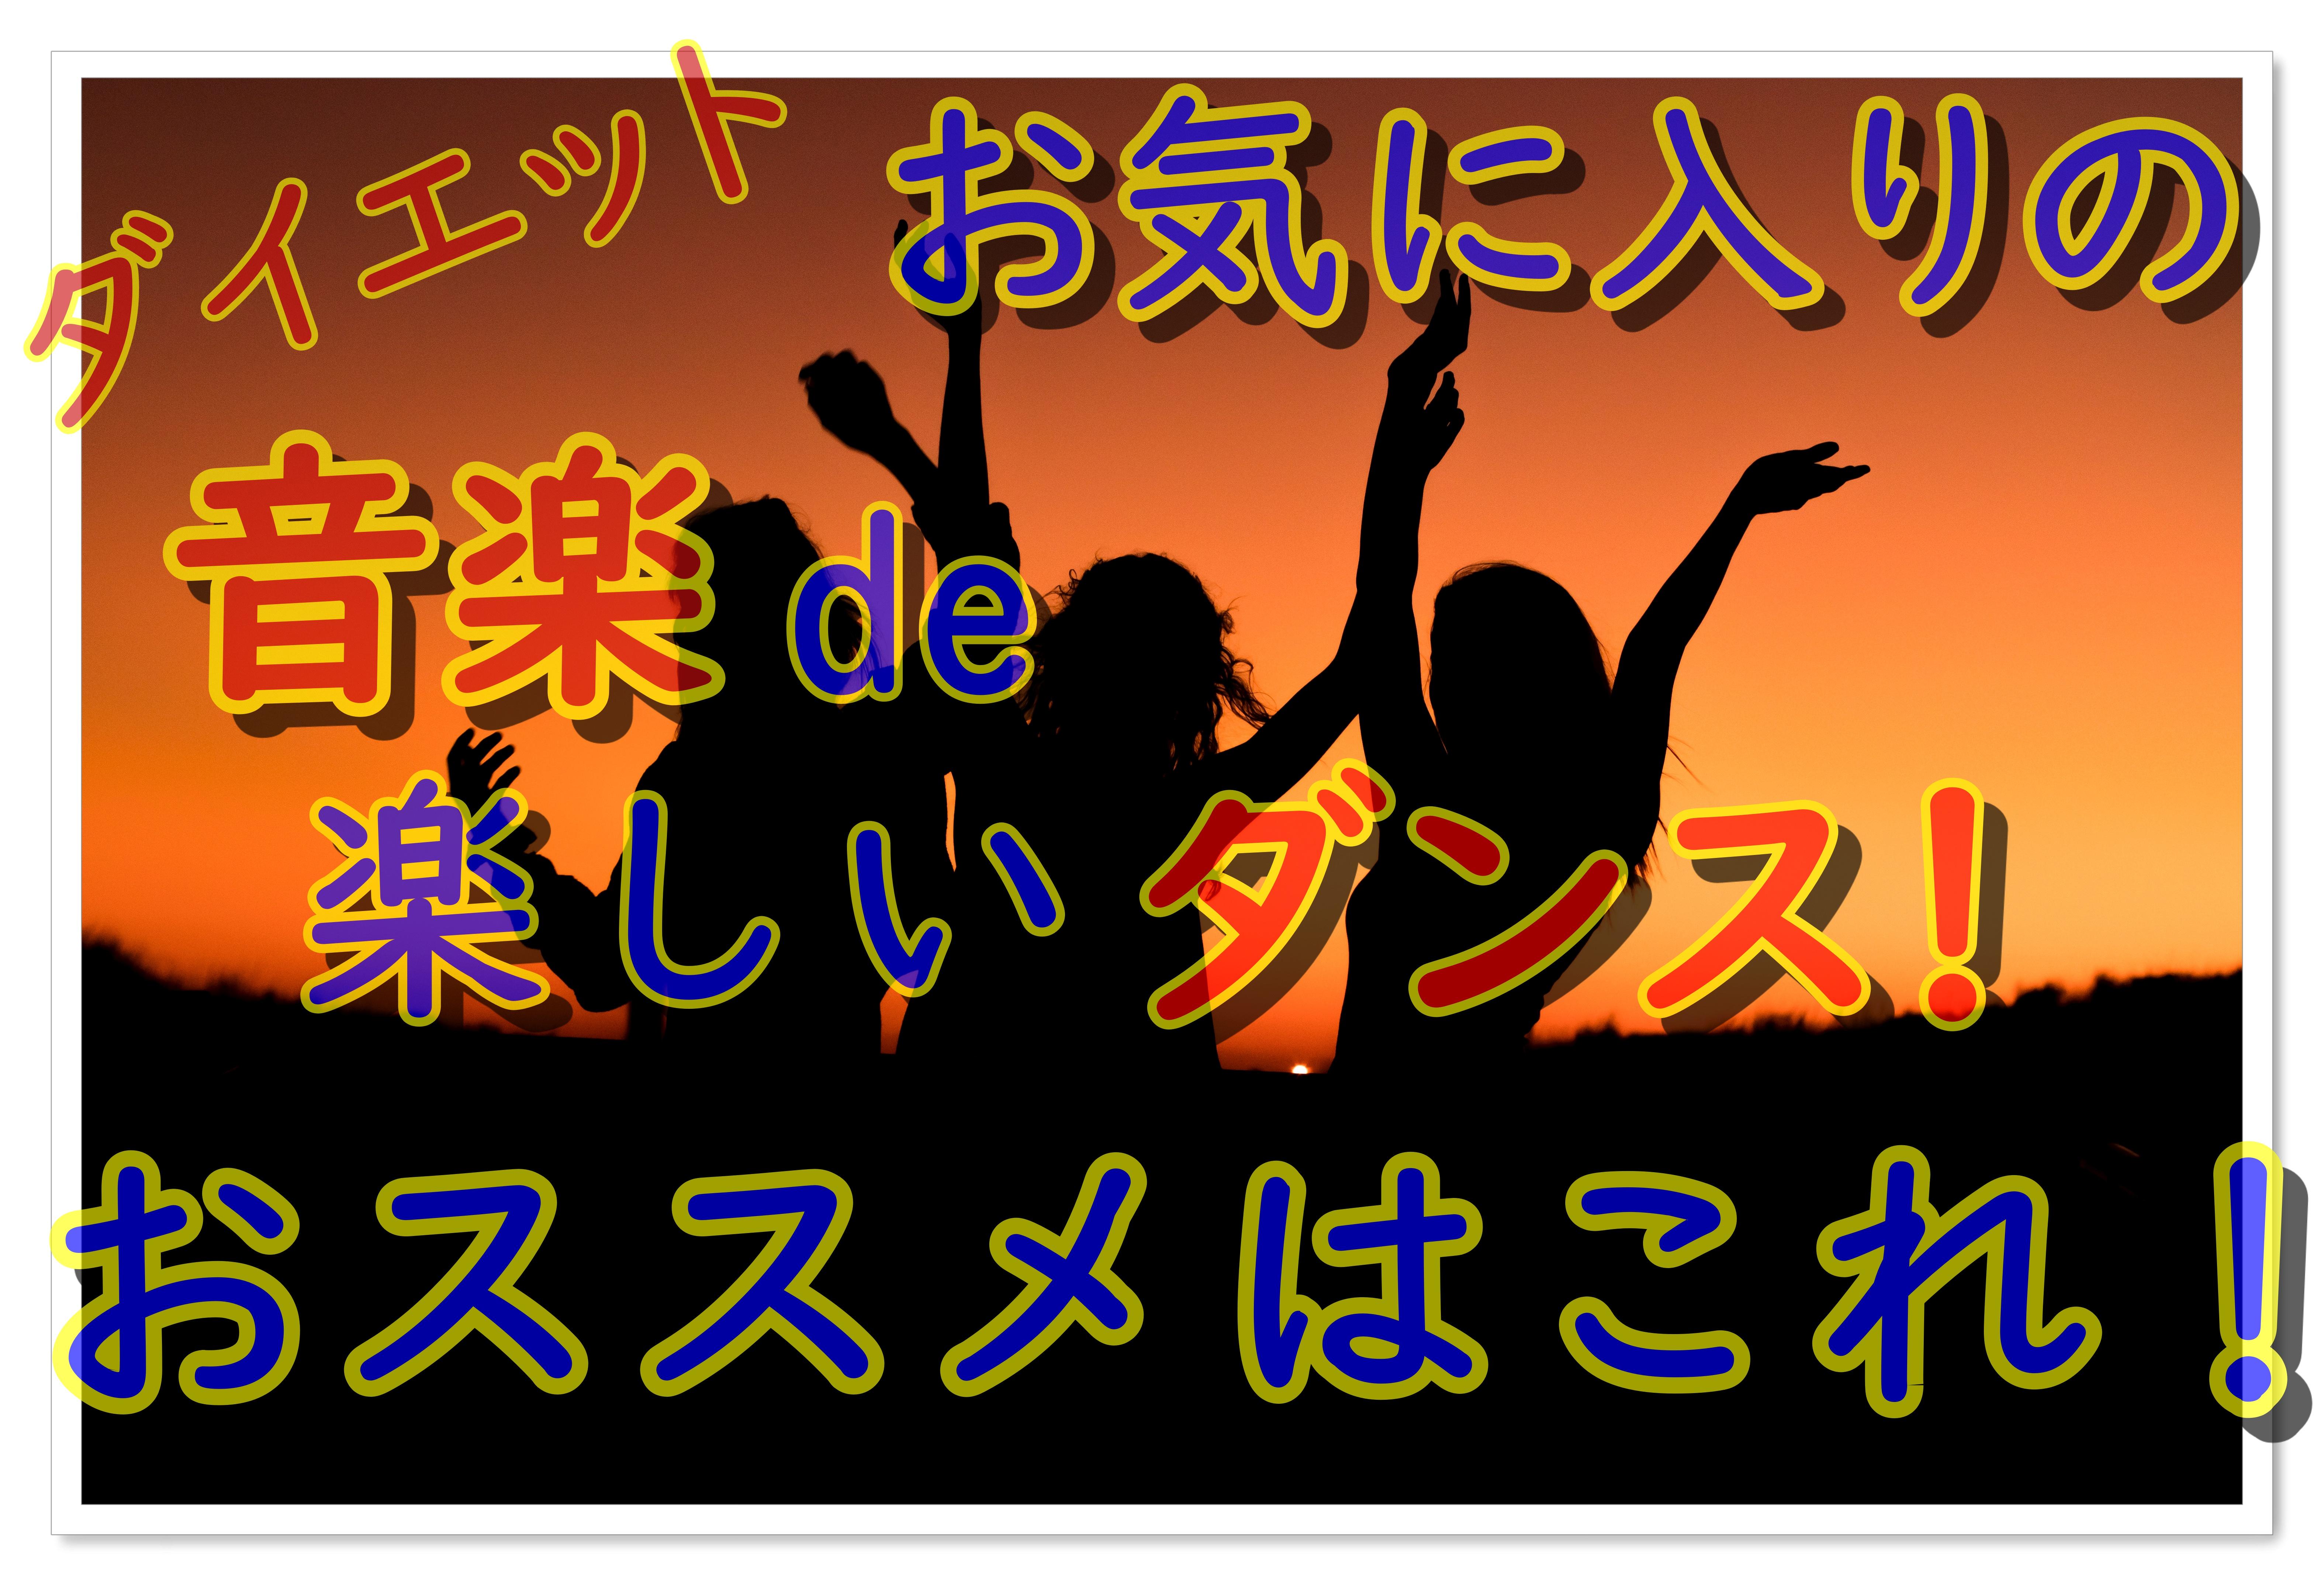 Newダイエット成功のカギは、お気に入りの音楽&ダンスなり!